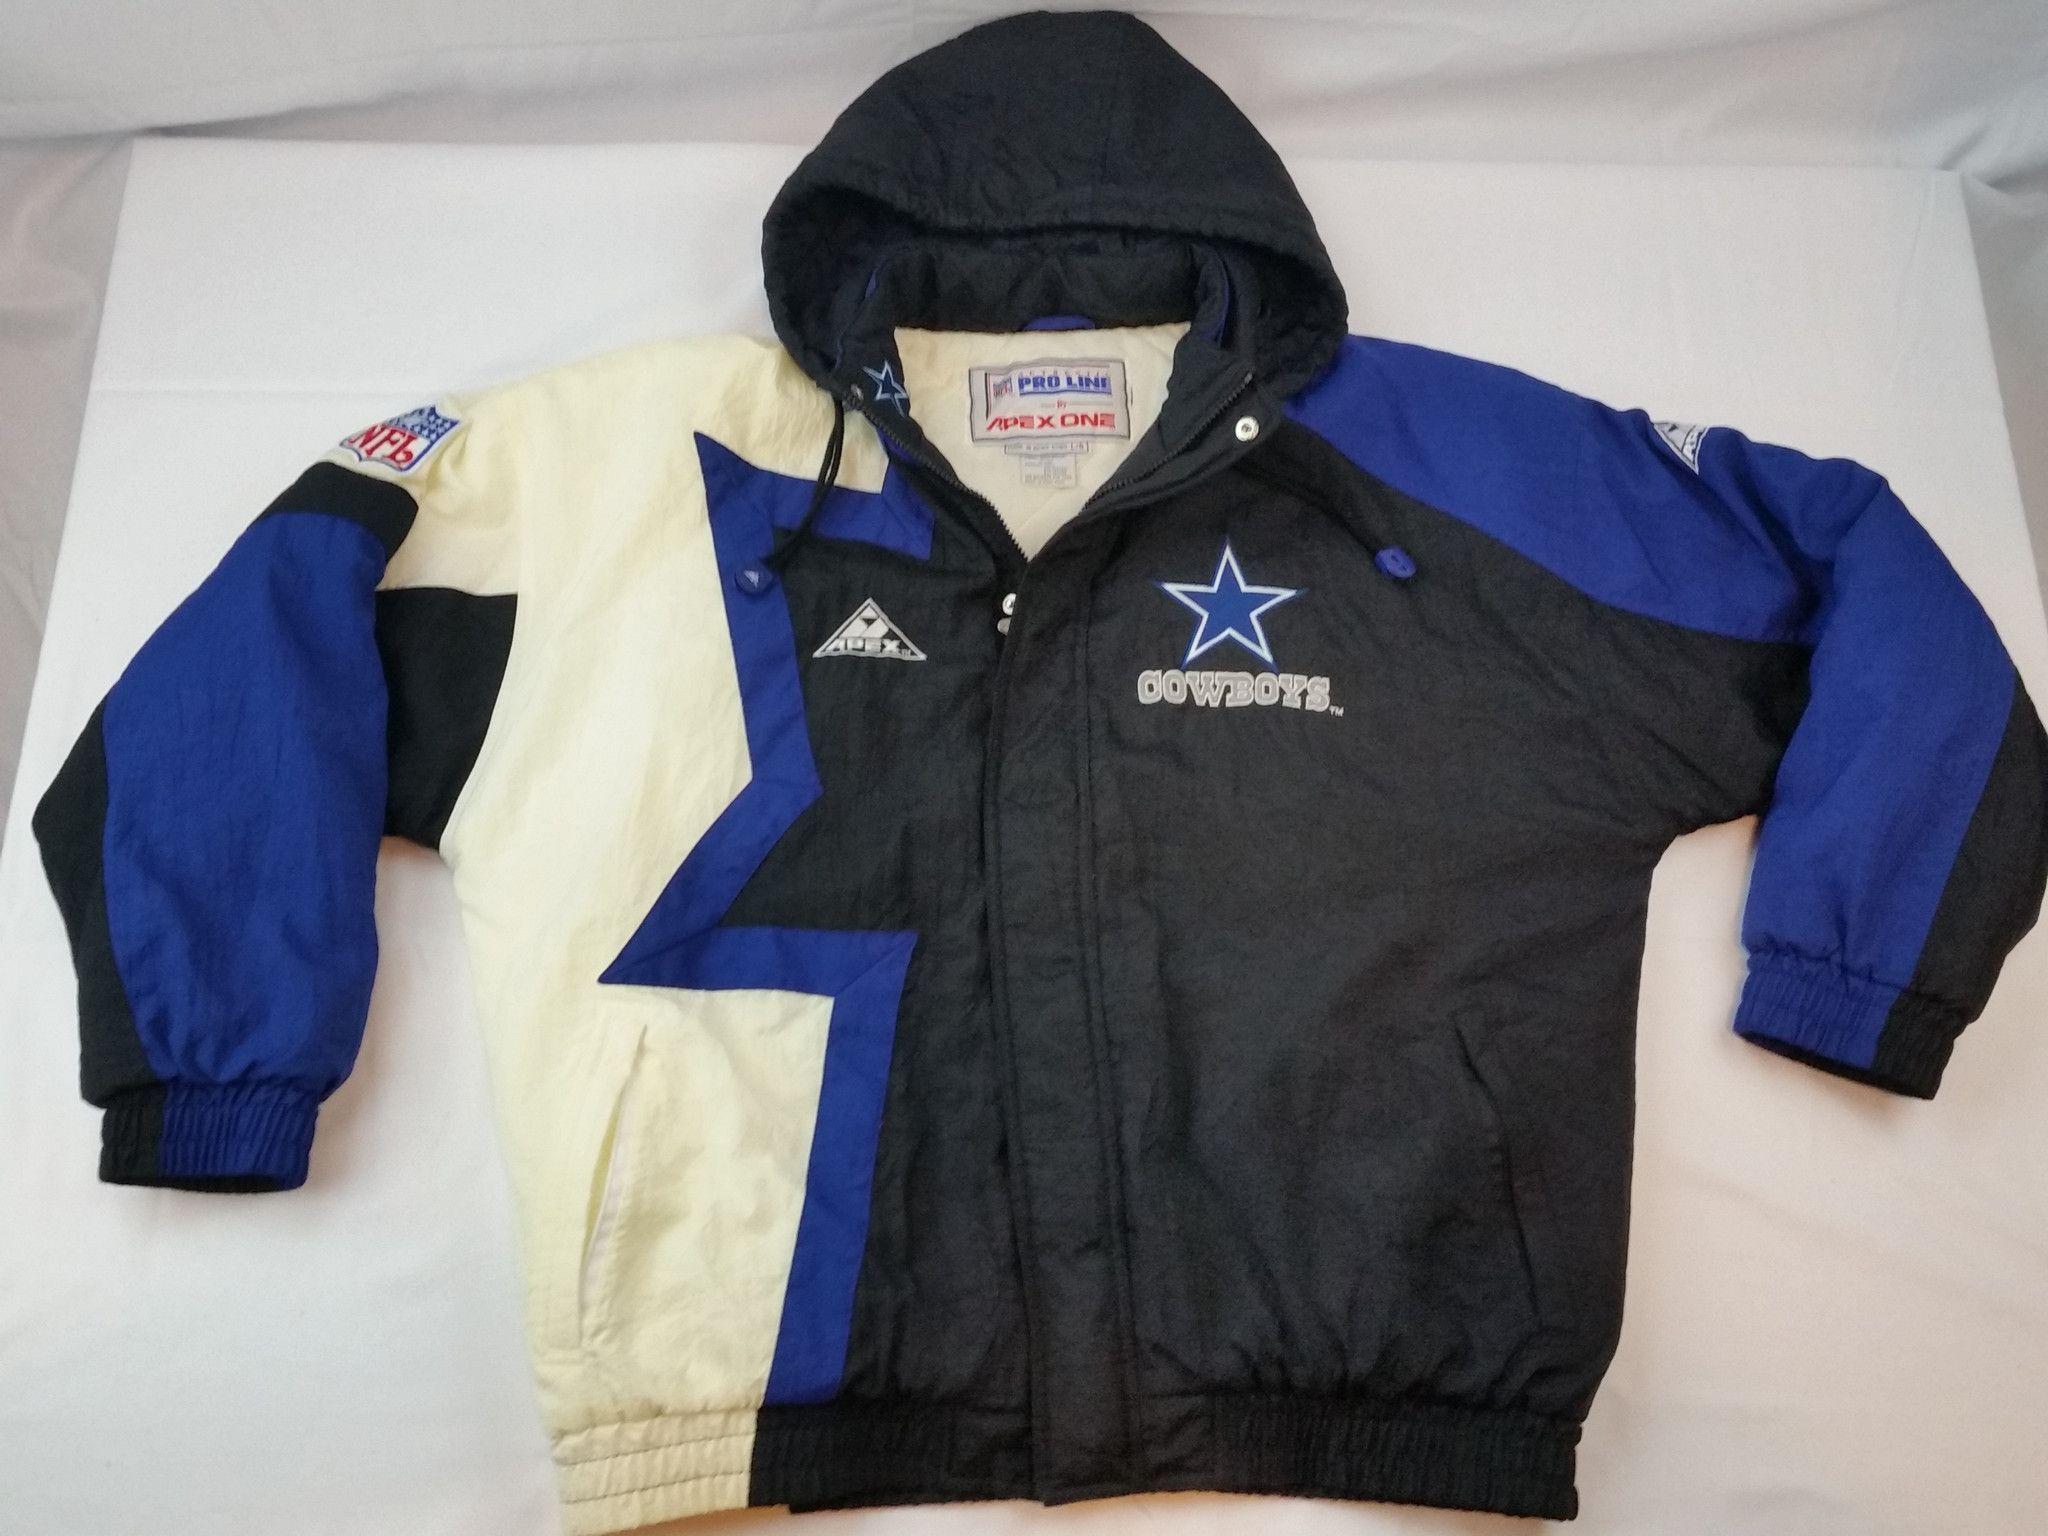 sports shoes 7396b d6bfe Dallas Cowboys Apex Jacket Vintage NFL Pro Line Coat Parka ...